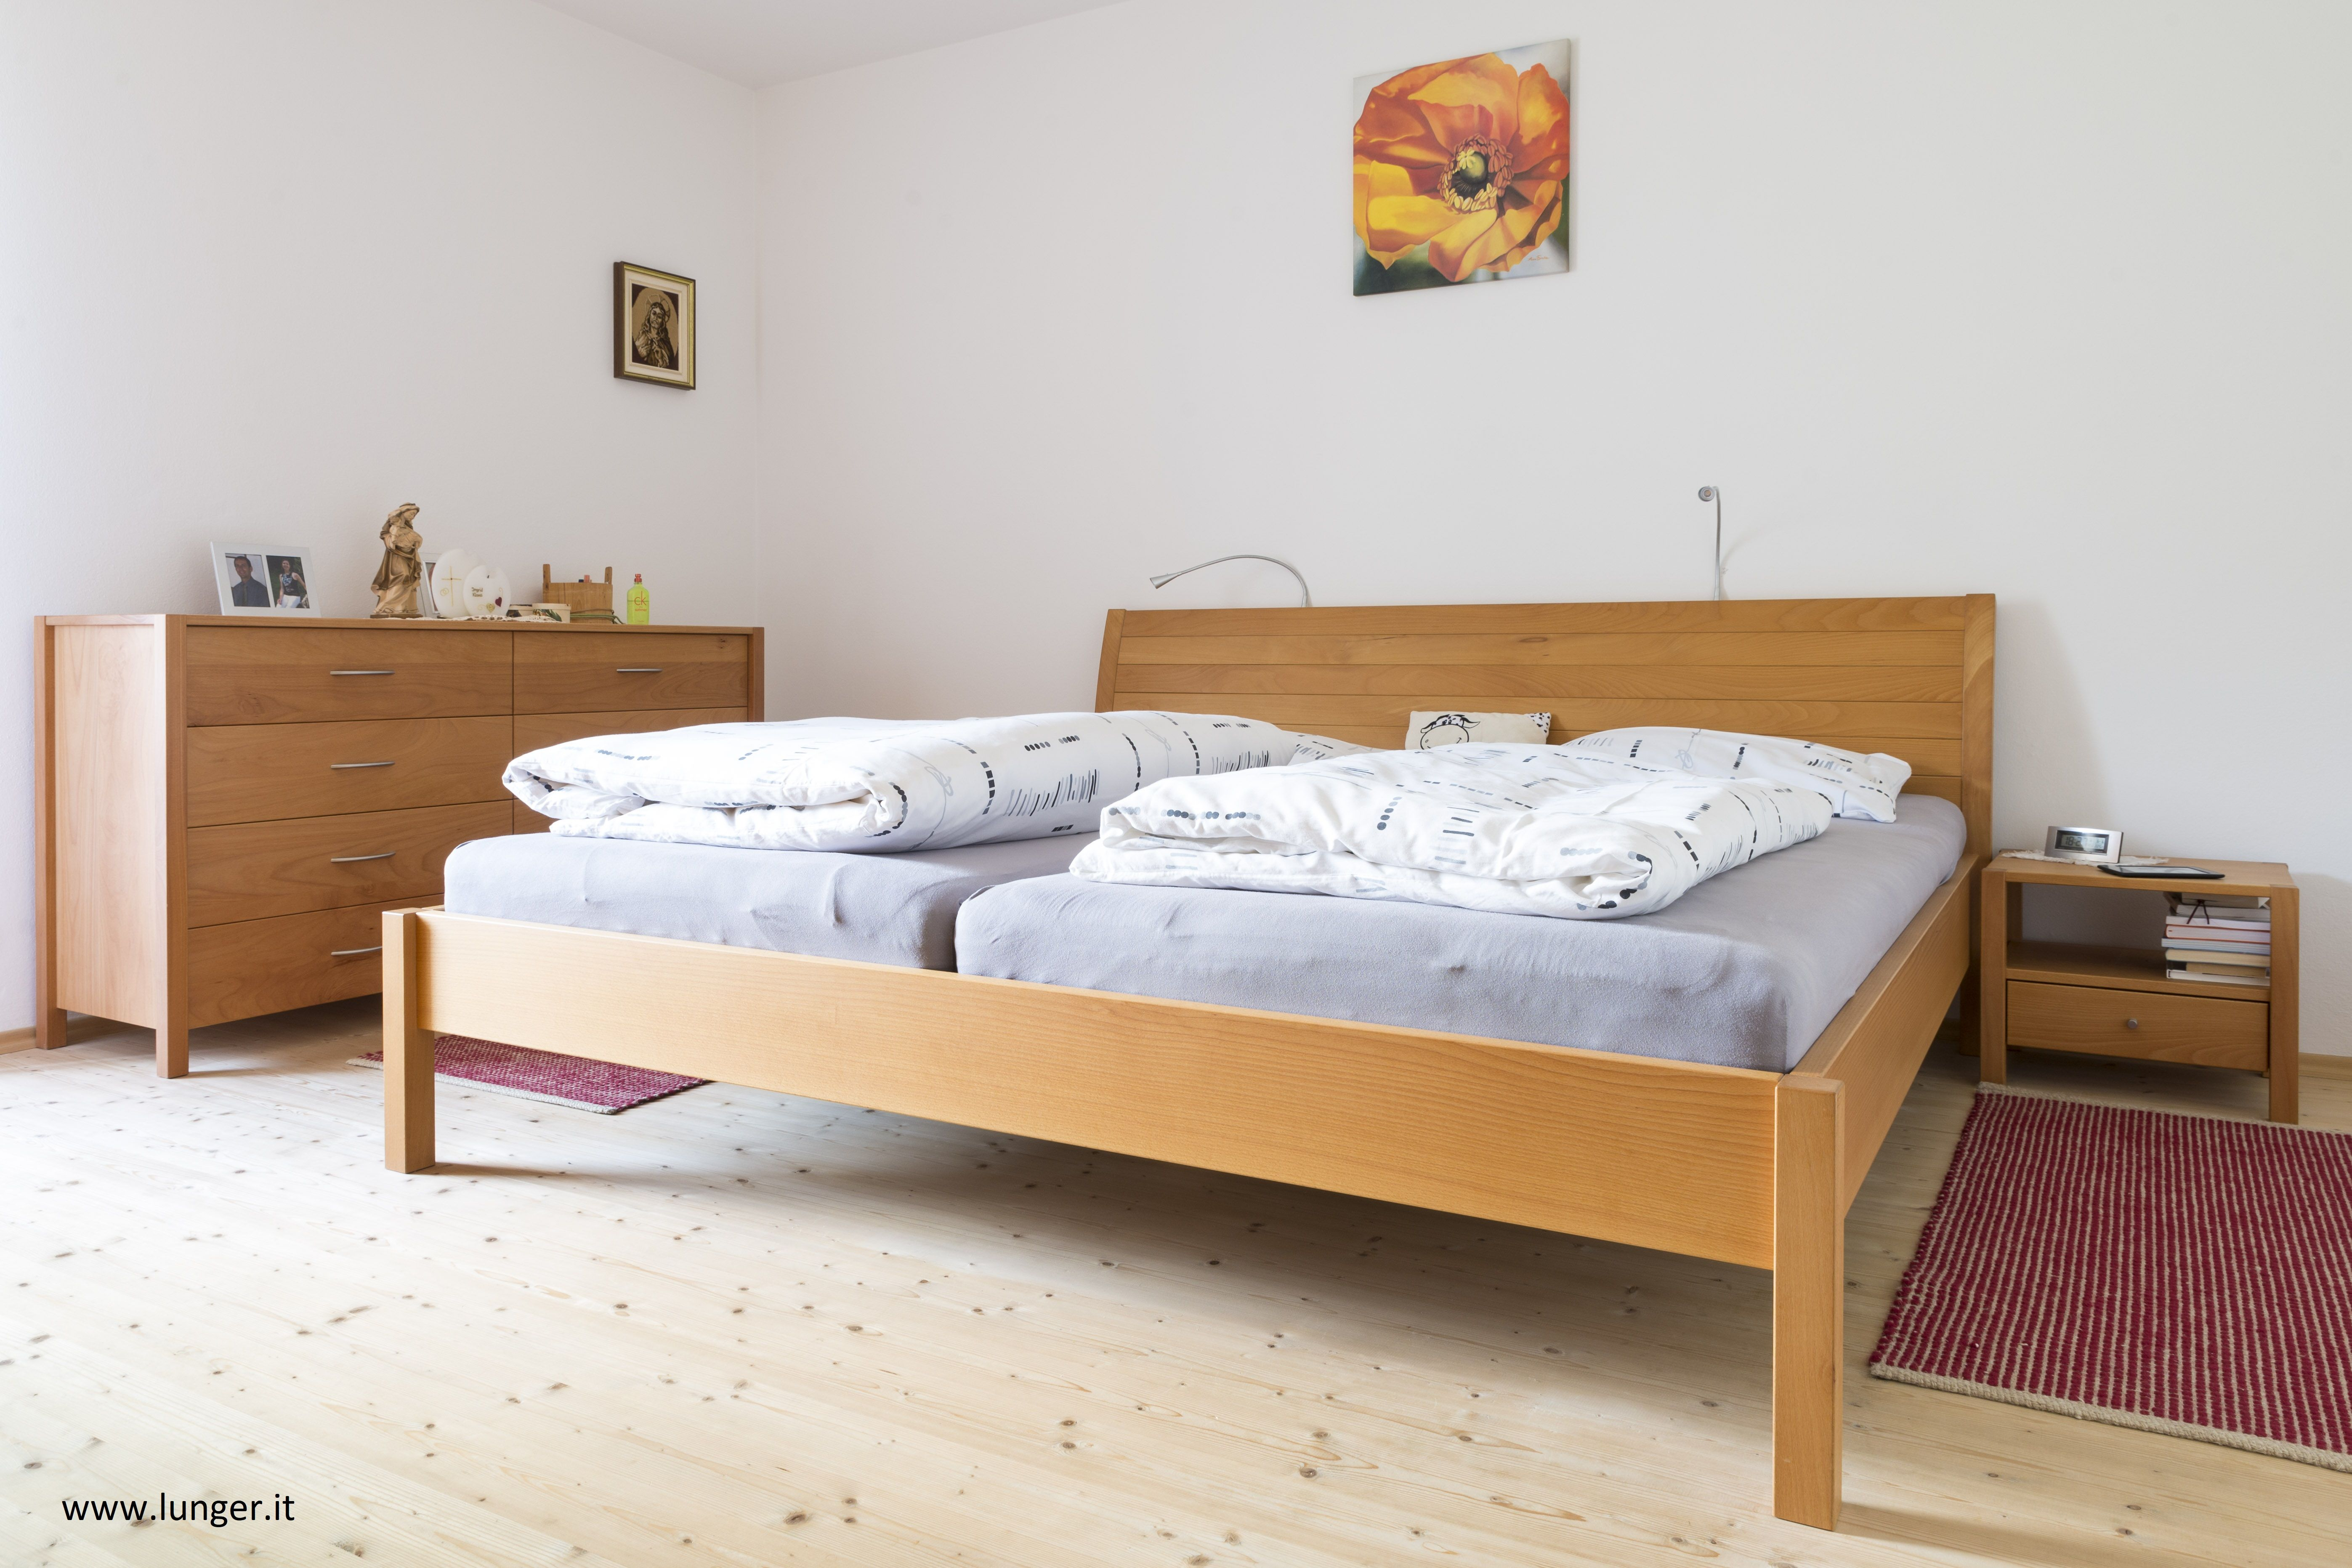 Schlafzimmer in Buche massiv Schlafzimmer, Haus deko und